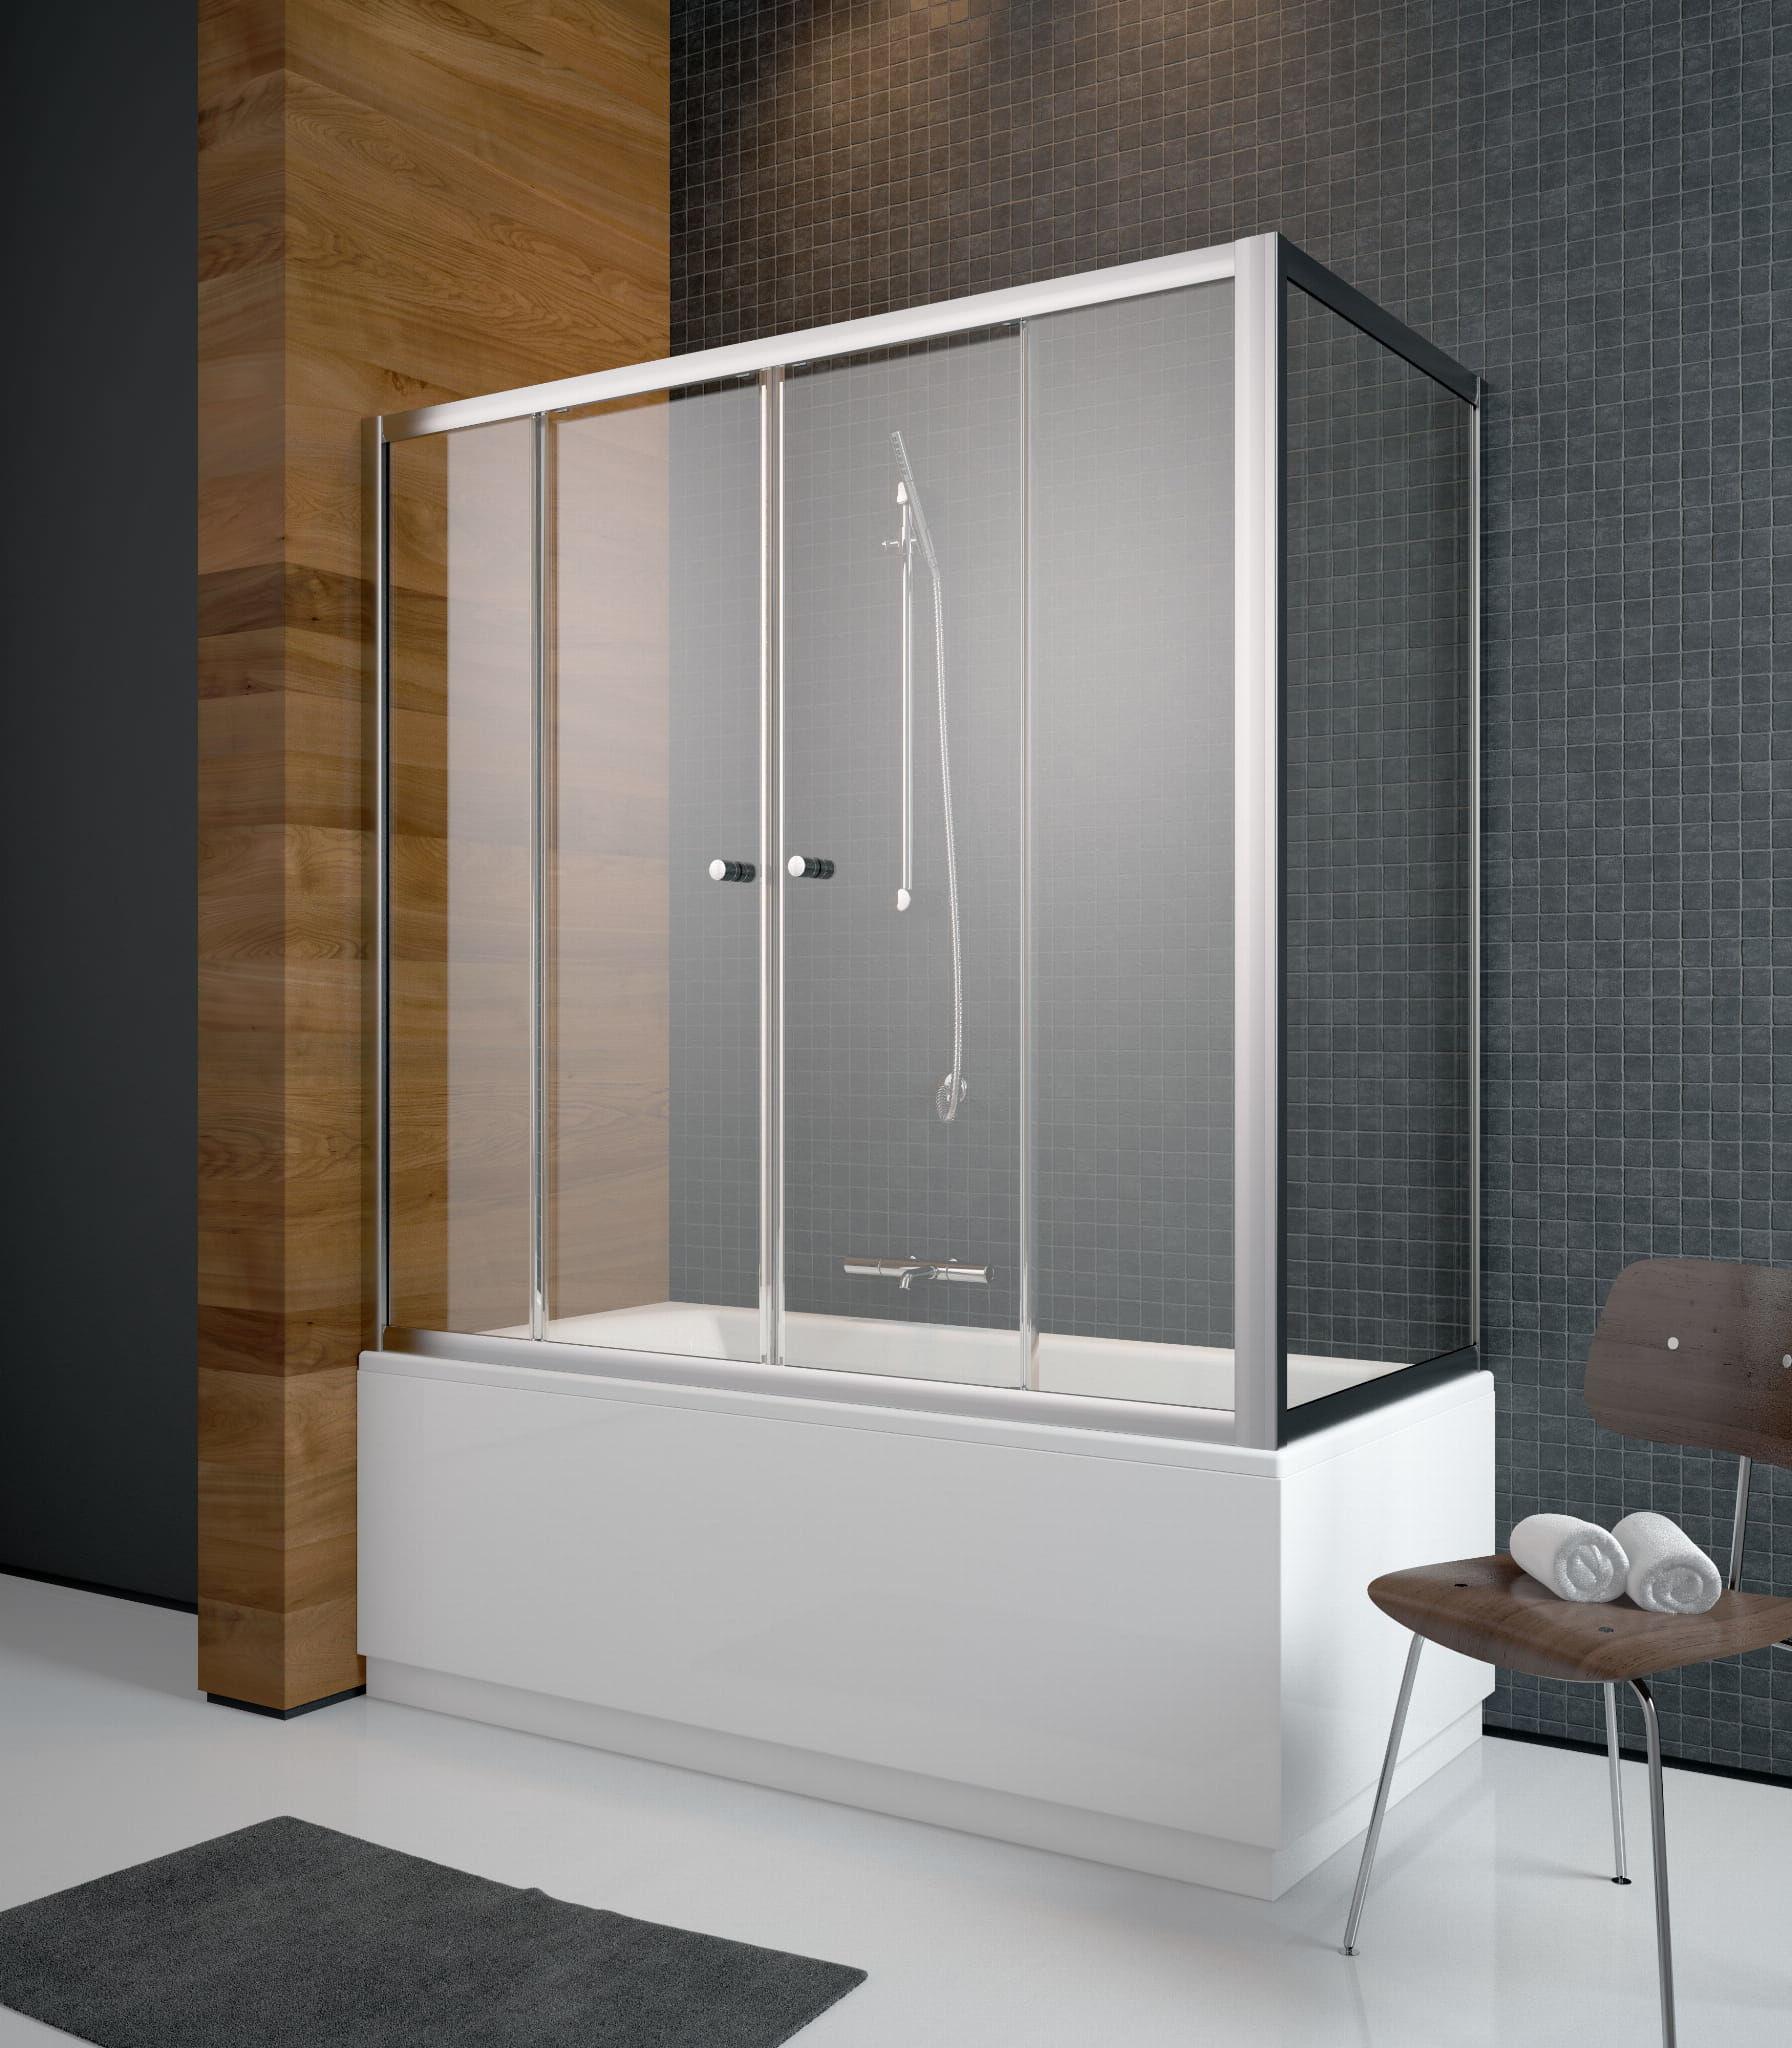 Radaway zabudowa nawannowa Vesta DWD+S 140 x 65, szkło przejrzyste, wys. 150 cm 203140-01/204065-01